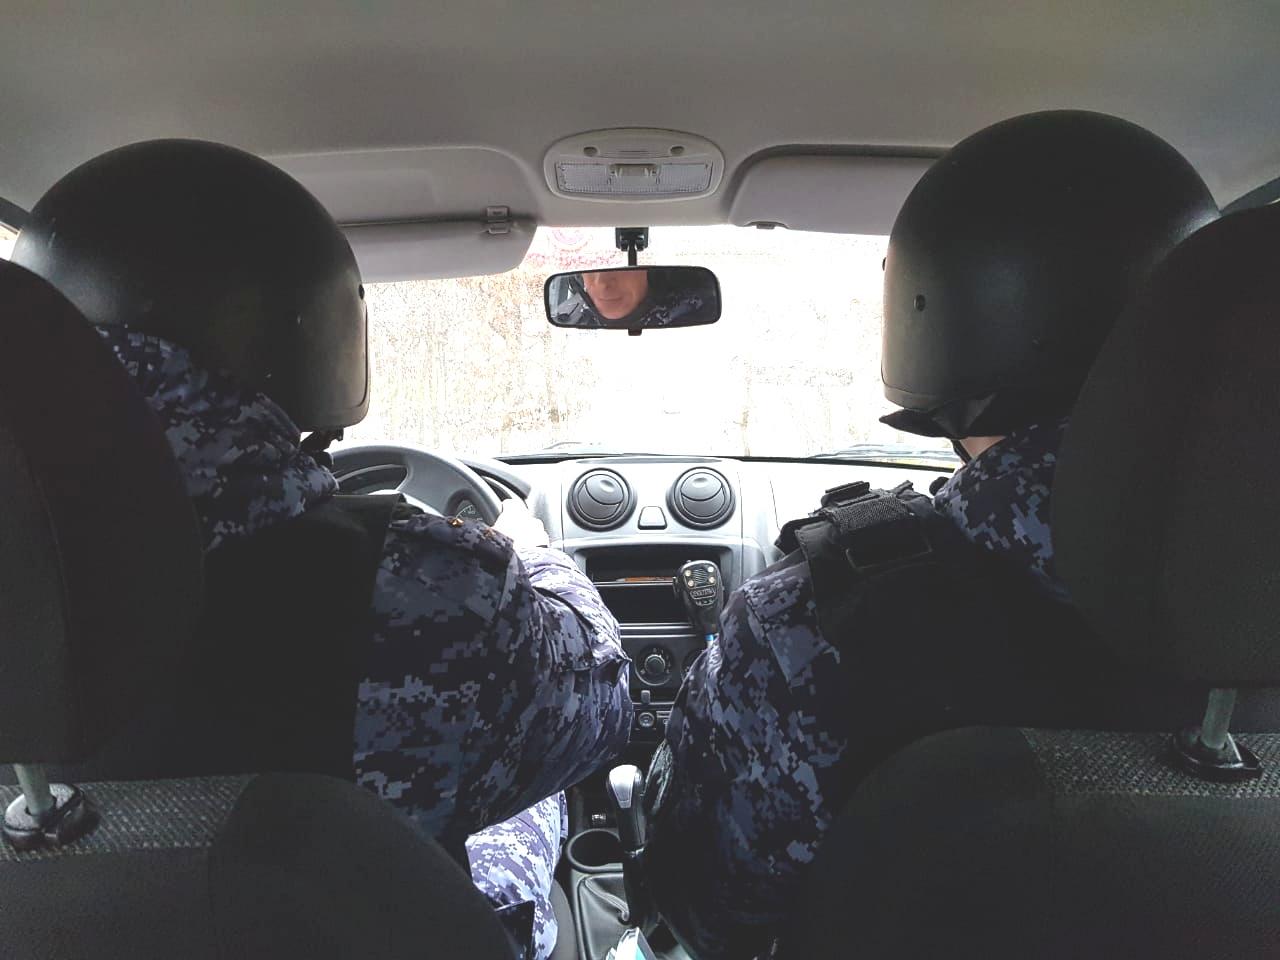 В Калининграде наряд вневедомственной охраны задержал хулигана, повредившего чужое имущество